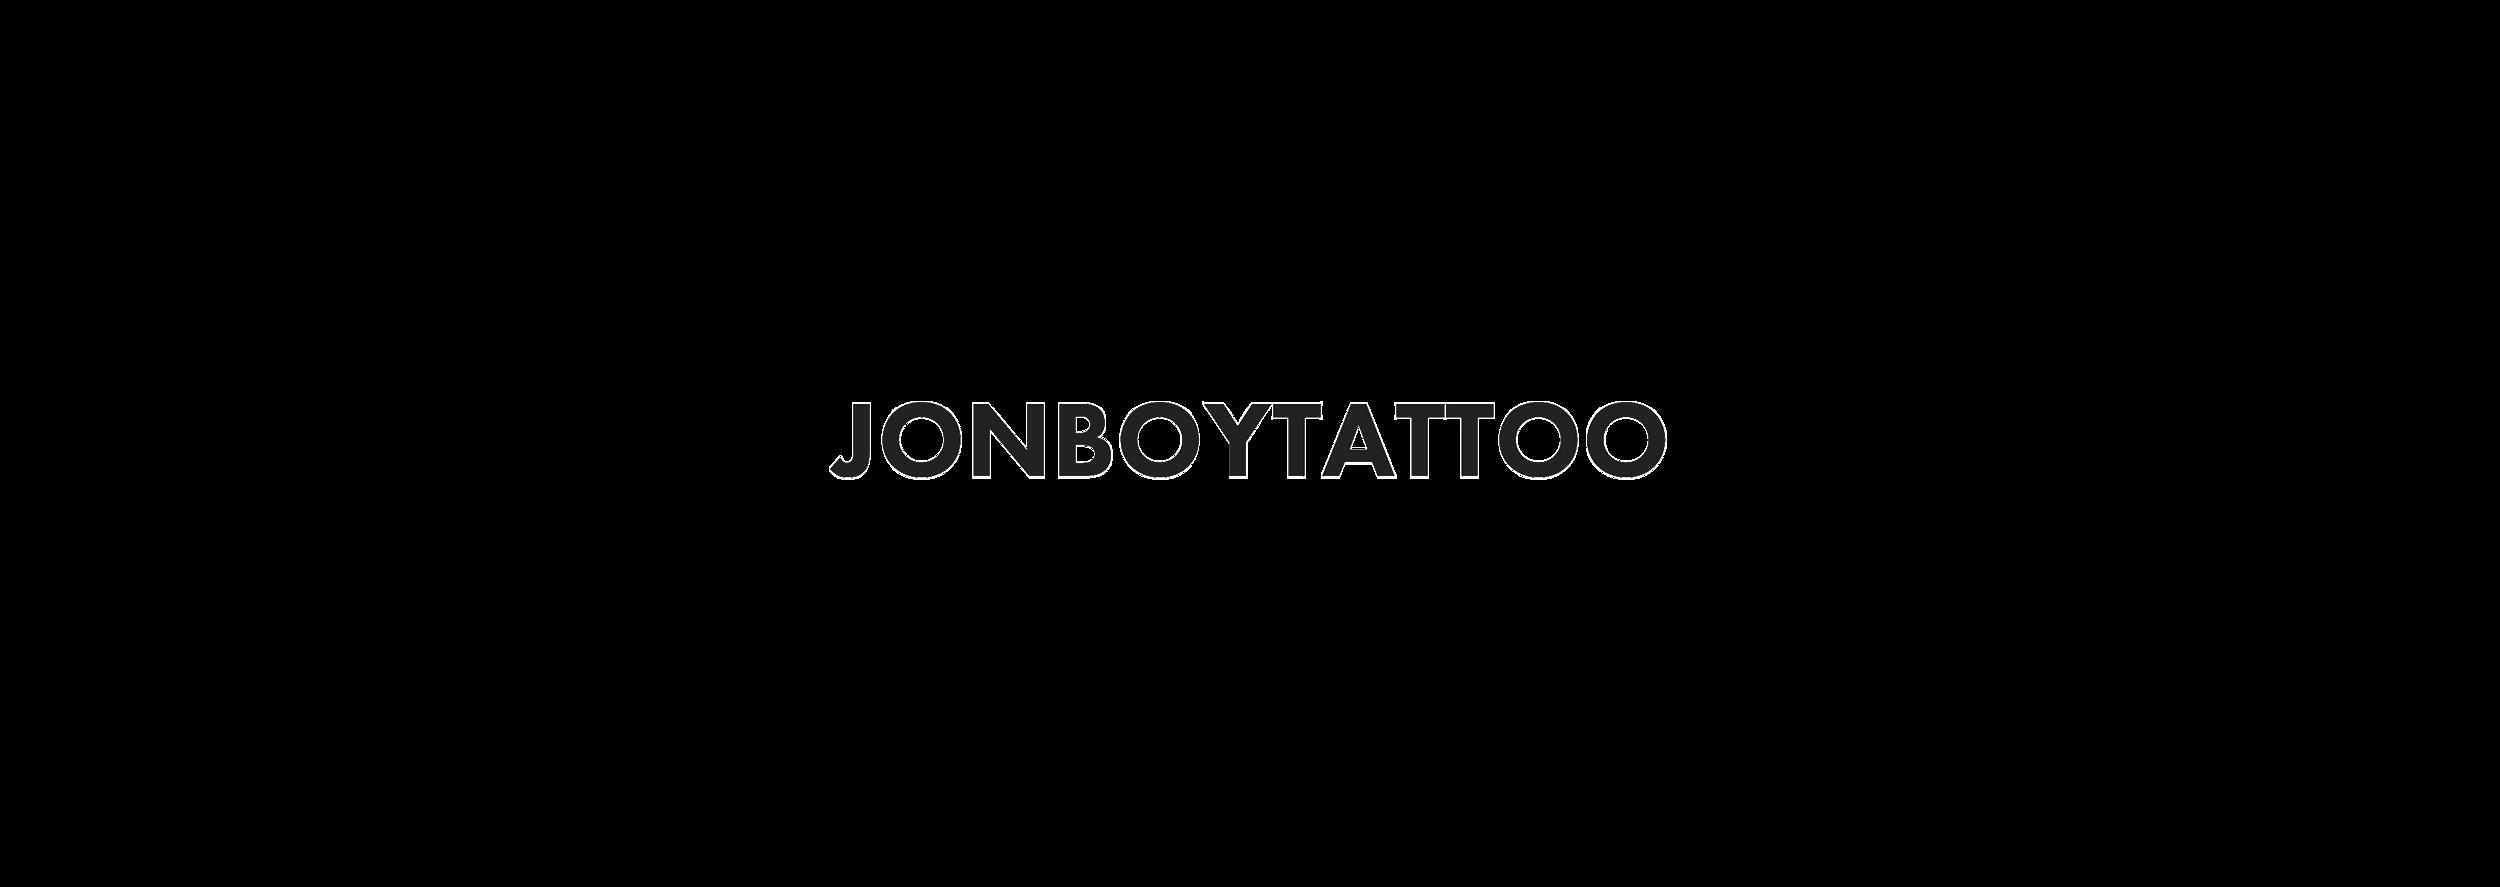 Jonboytattoolong.png